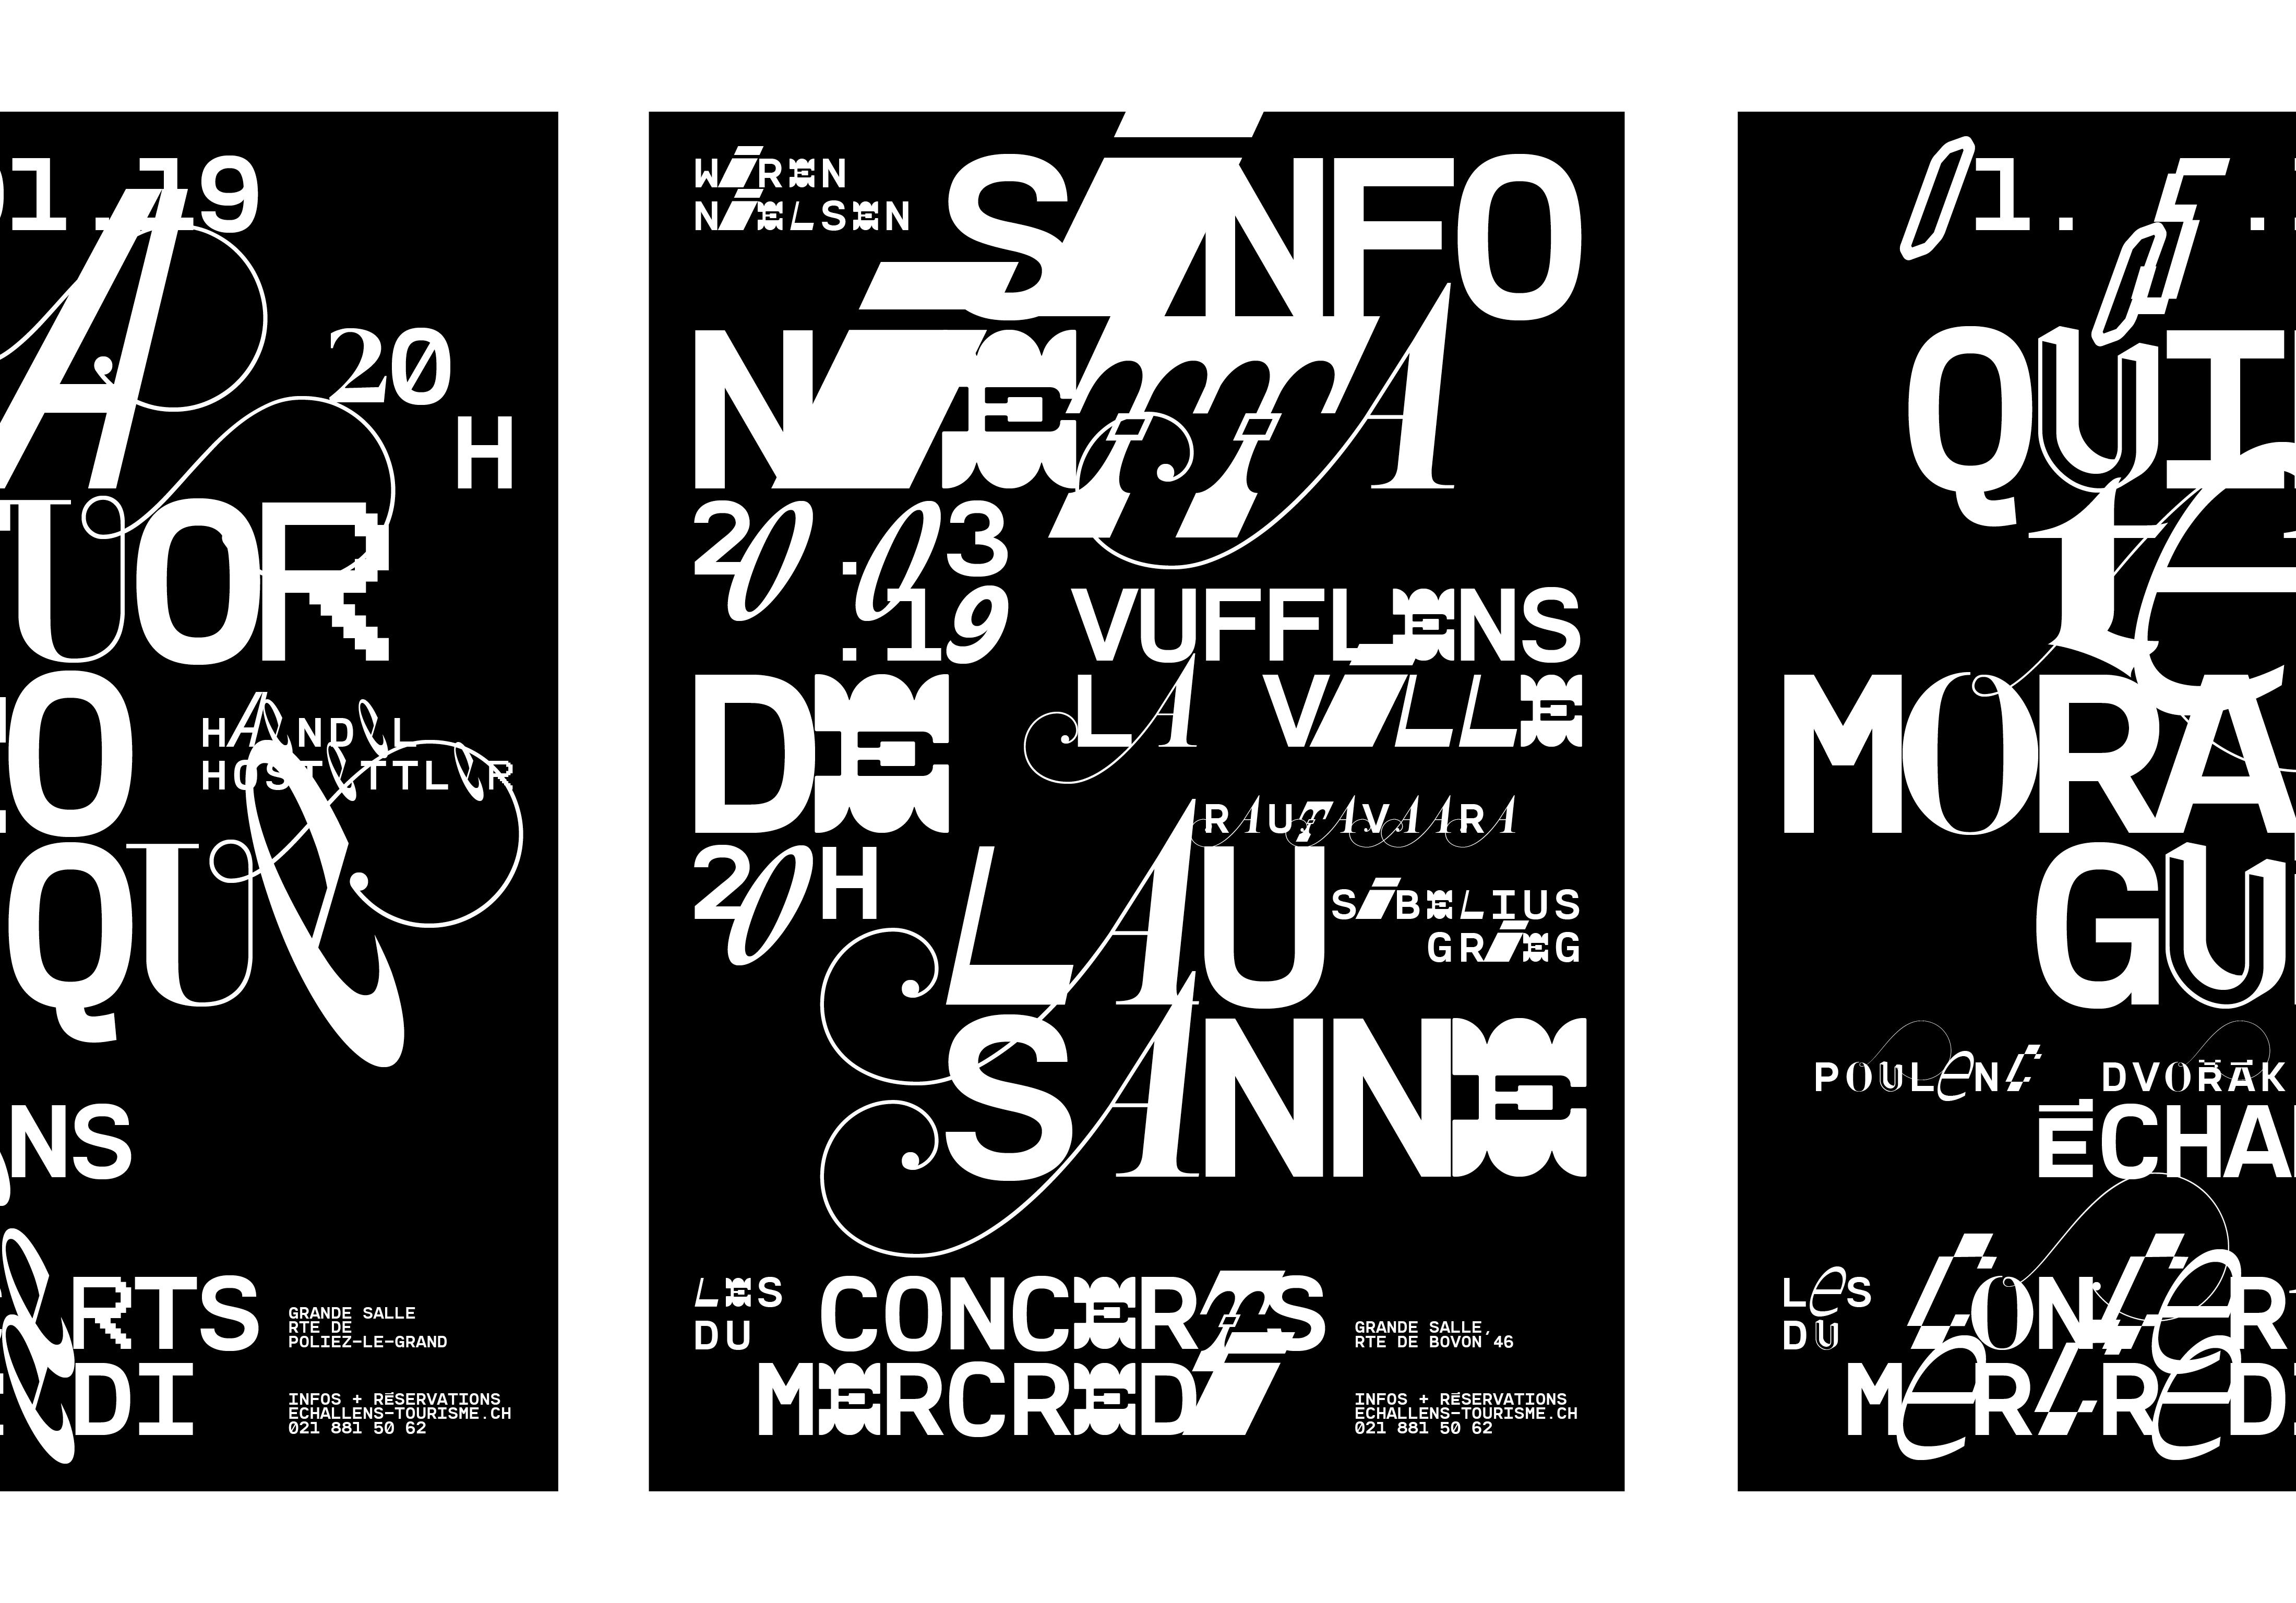 Les Concerts du mercredi 18-19